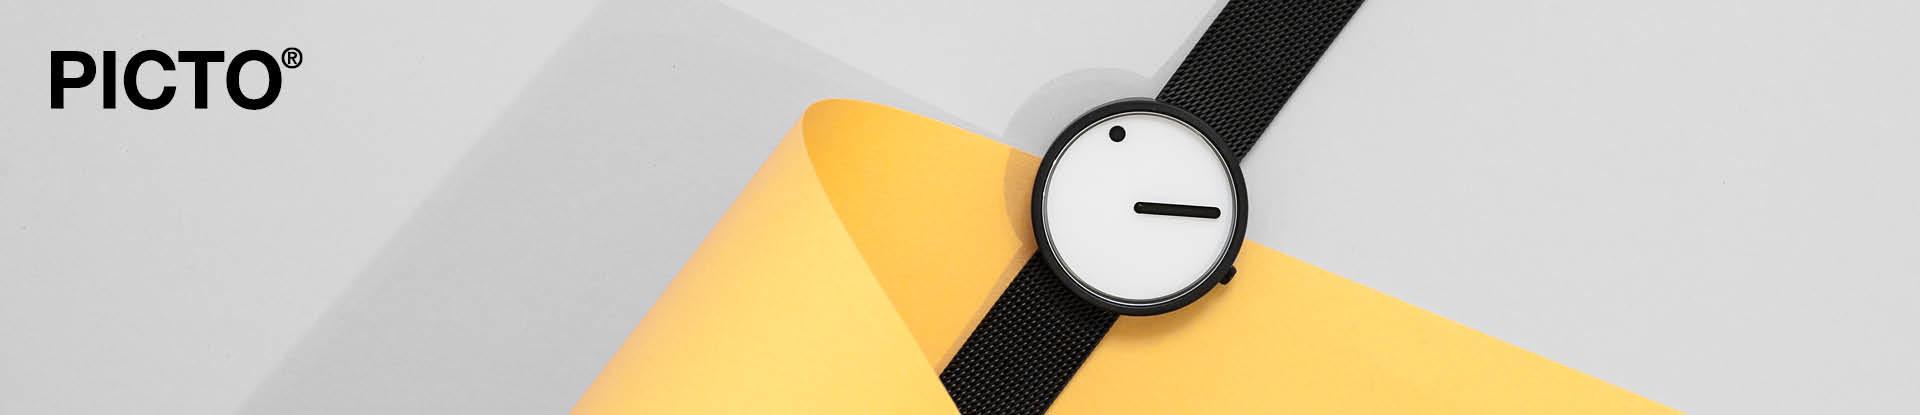 Picto horloges